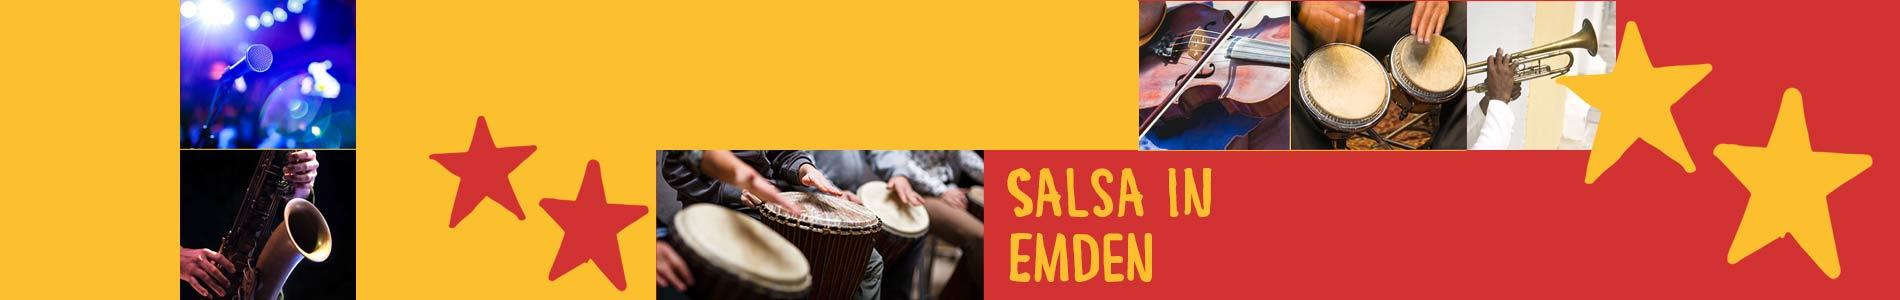 Salsa in Emden – Salsa lernen und tanzen, Tanzkurse, Partys, Veranstaltungen